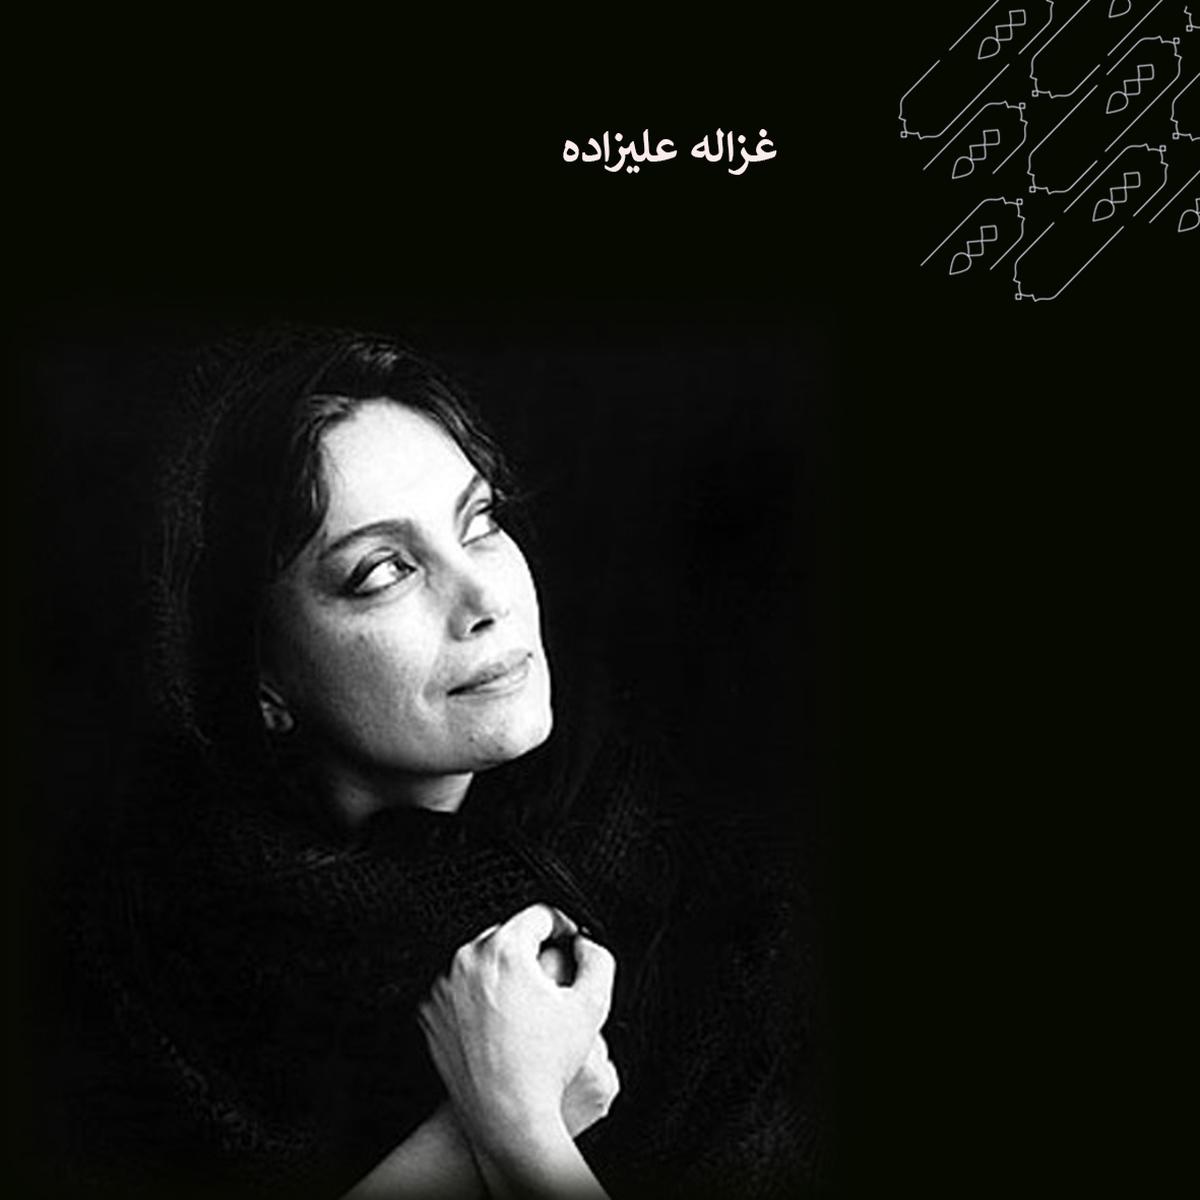 آدمهای پساکودتا   چهارراه غزاله علیزاده به روایت احمد غلامی و علی خدایی